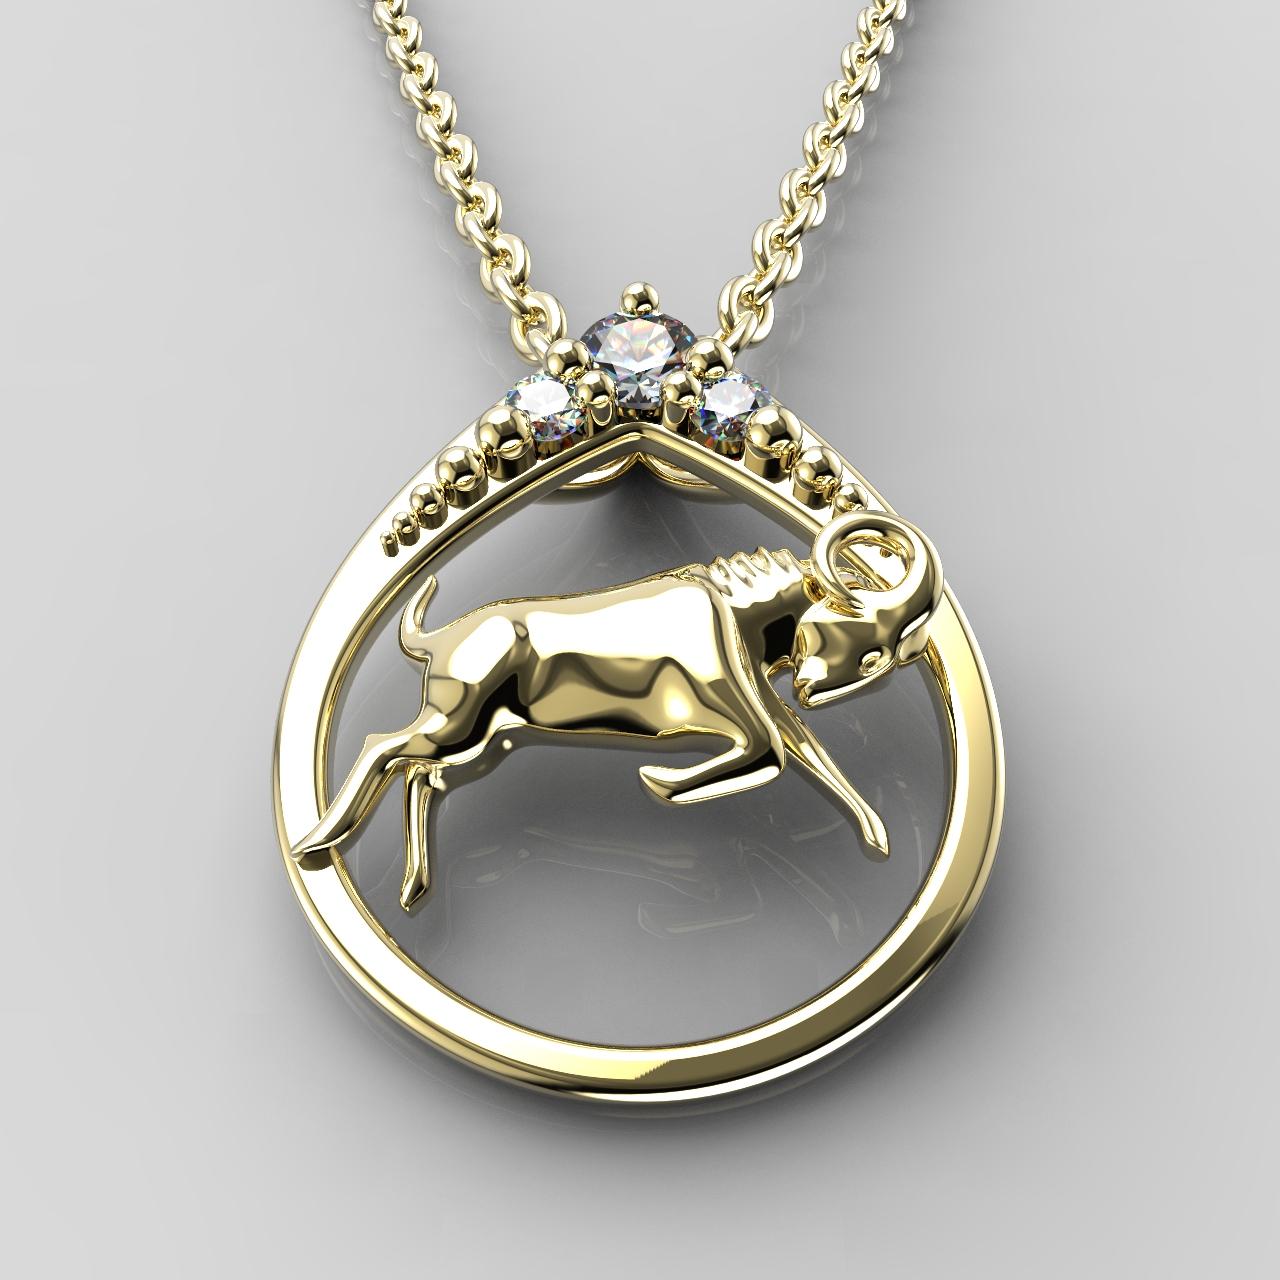 Zlatý přívěsek znamení Beran - ve tvaru kapky se zirkony či diamanty